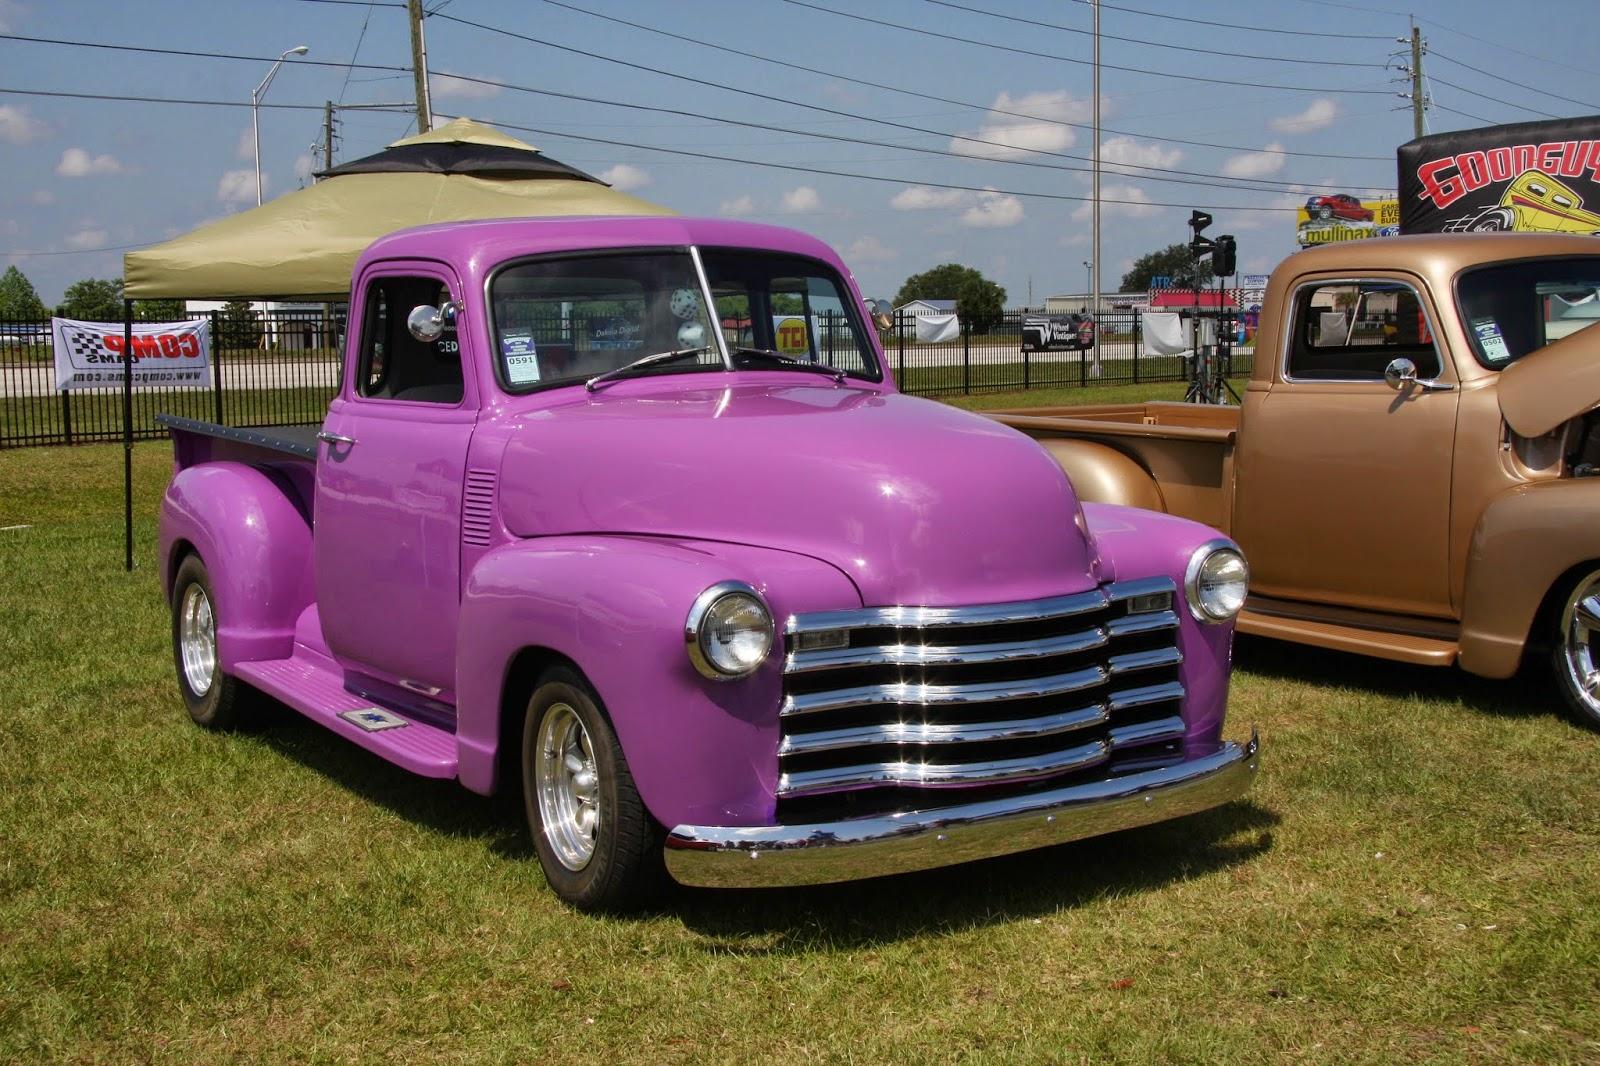 CAR SHOW PHOTOS IN NOVA SCOTIA : Car show at Kissimmi